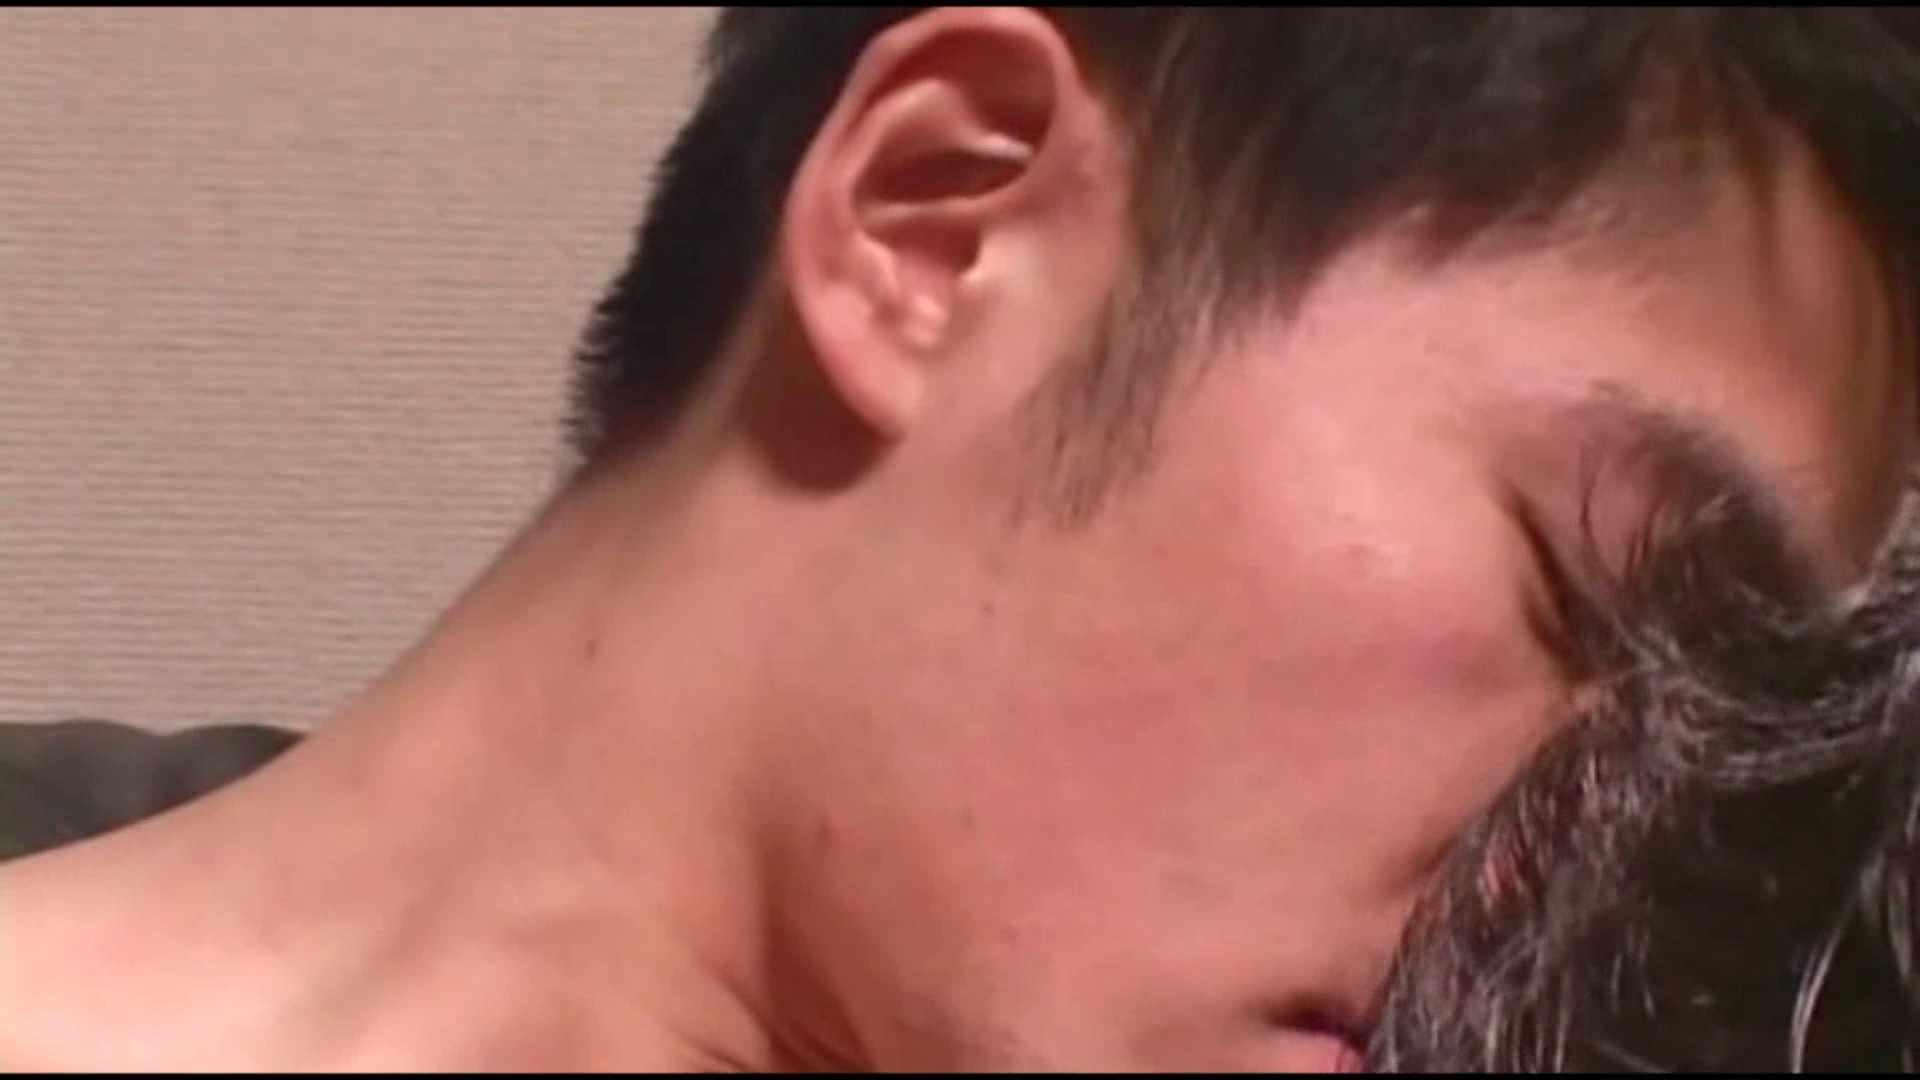 ショウ&ナオキのエロMAXファンタジーVOL.02(ショウ編) イケメンのsex   自慰  110pic 109